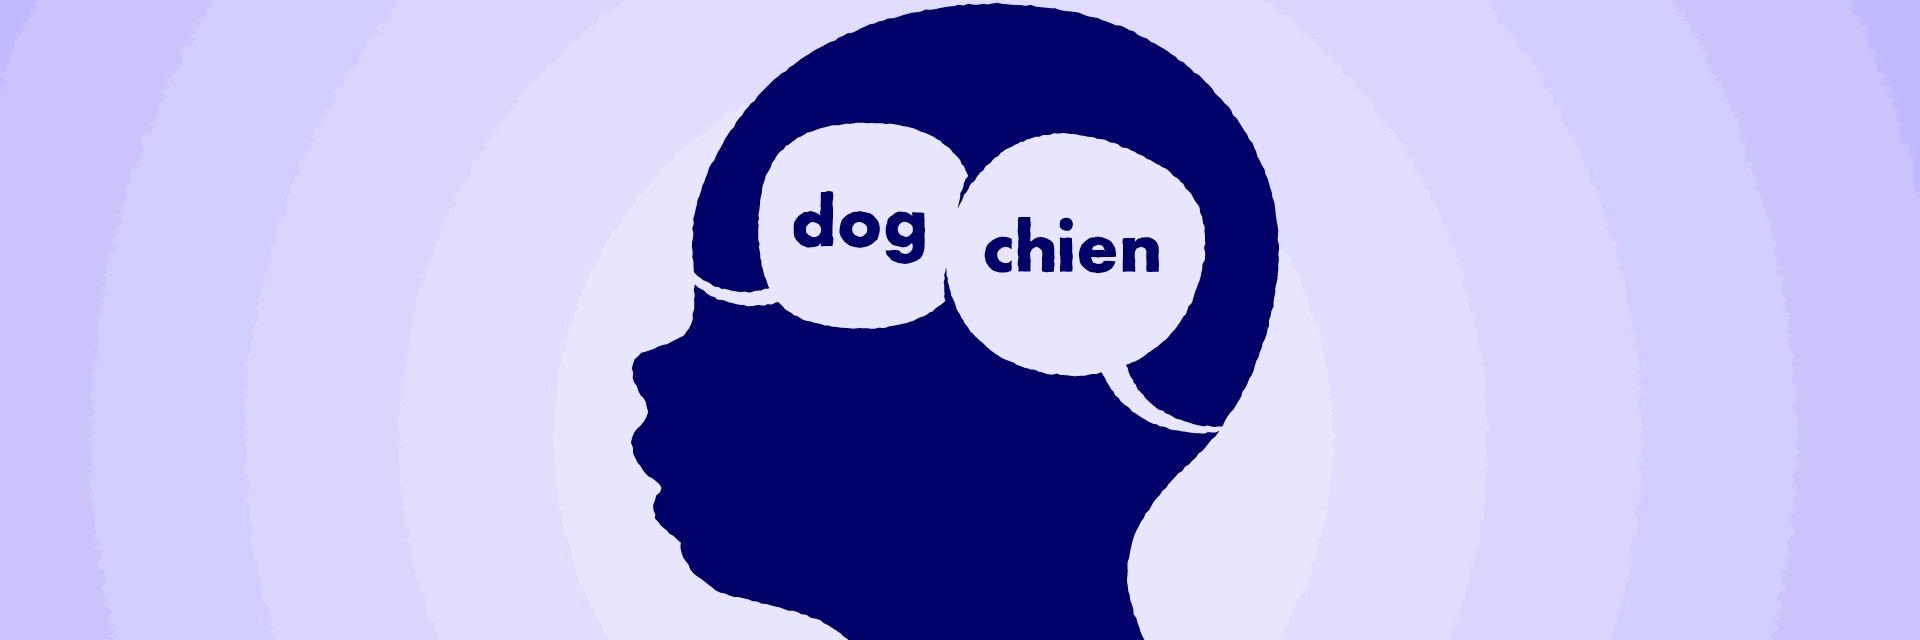 baby speech dog chien